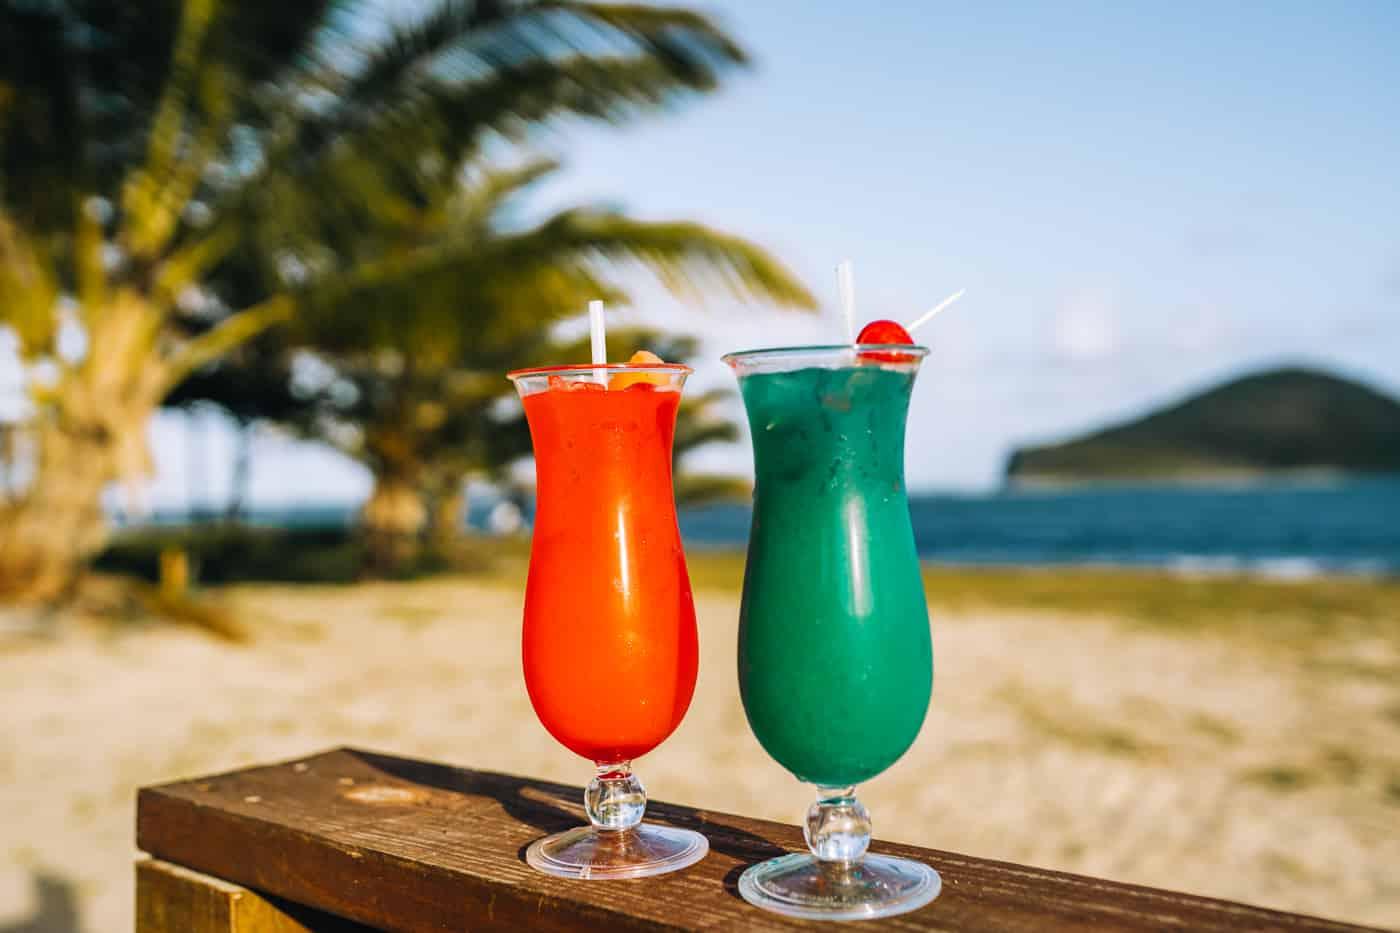 Saint Lucia - Tipps, Sehenswürdigkeiten, Strände & Ausflugsziele auf der Karibik-Insel: Sandy Beach / Anse Des Sables Beach Vieux Fort